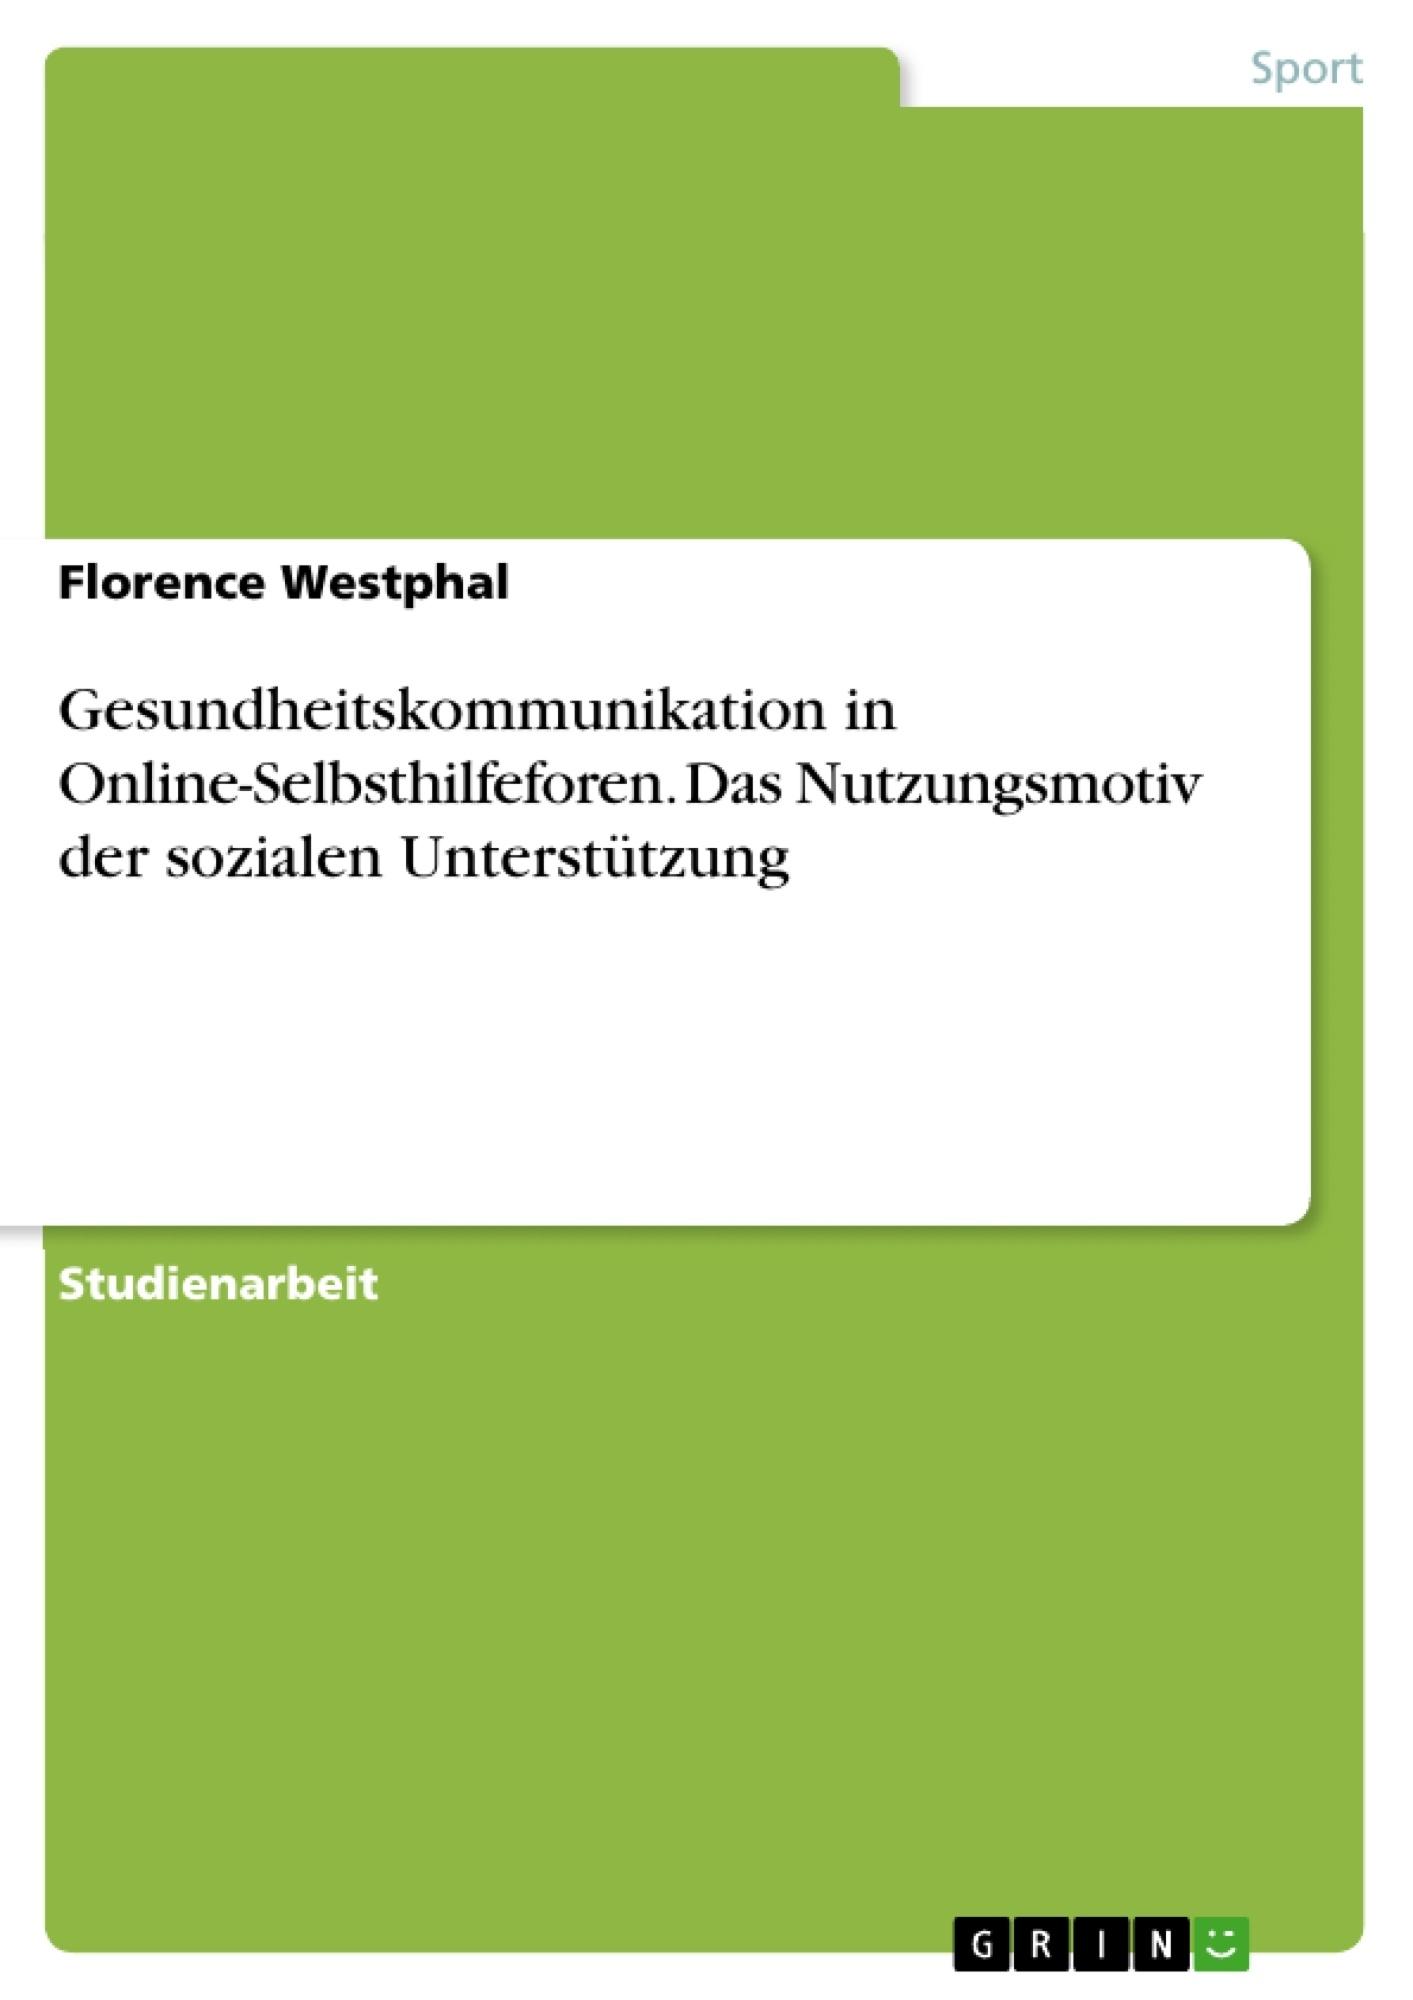 Titel: Gesundheitskommunikation in Online-Selbsthilfeforen. Das Nutzungsmotiv der sozialen Unterstützung